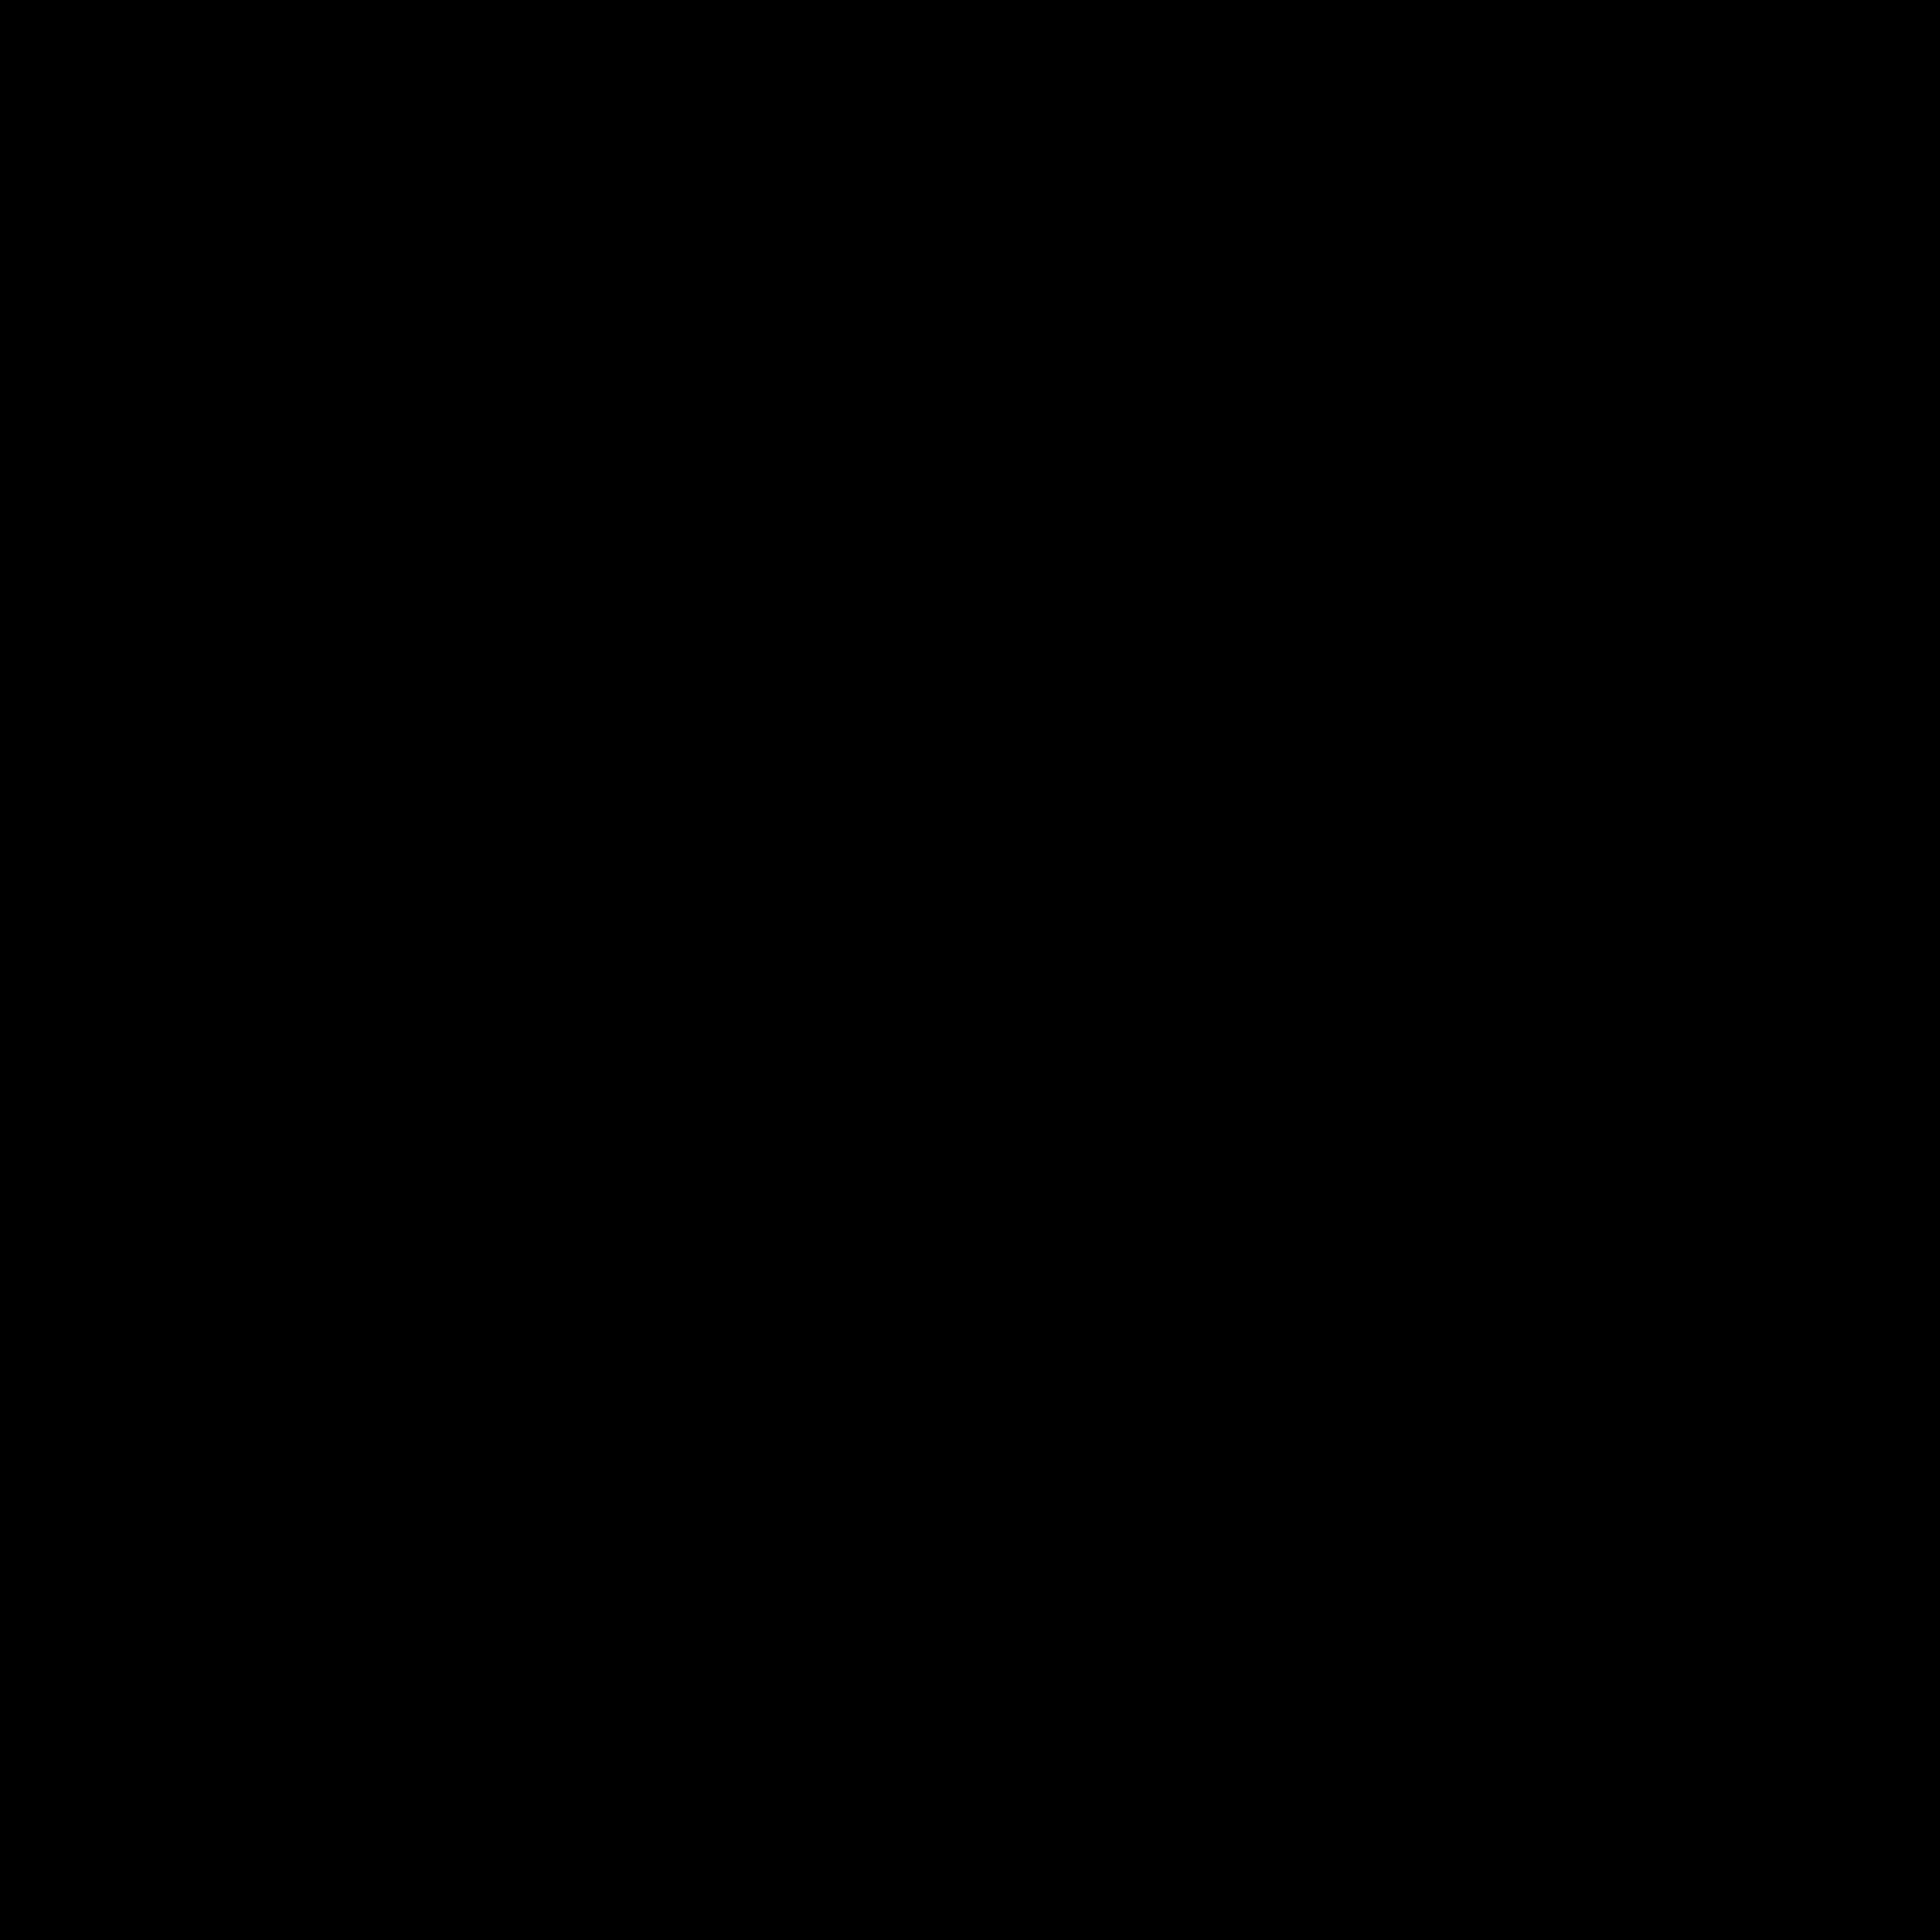 Artengo Badmintonracket BR 920 V